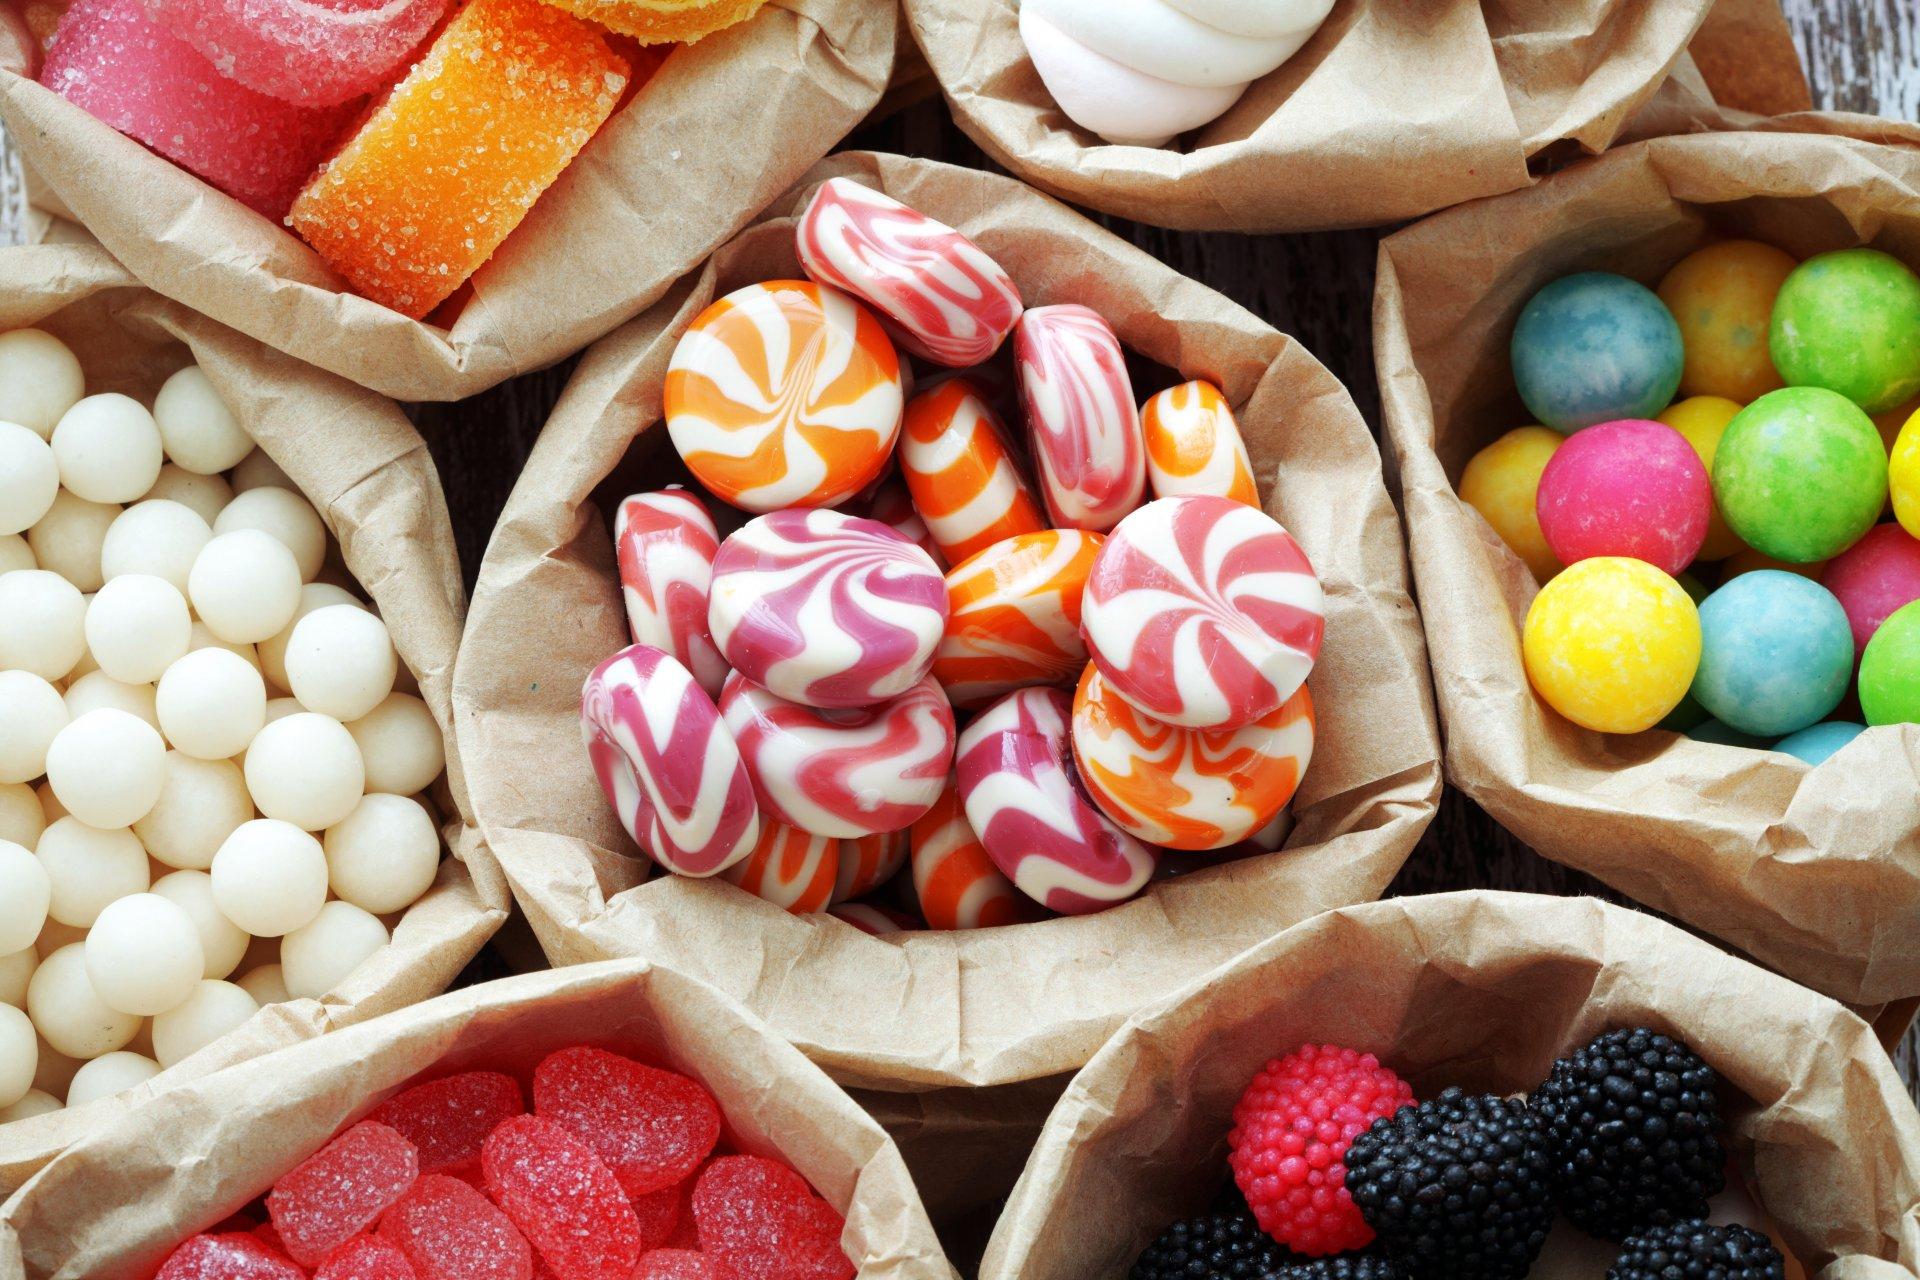 красочные сладкие шарики  № 972841 бесплатно